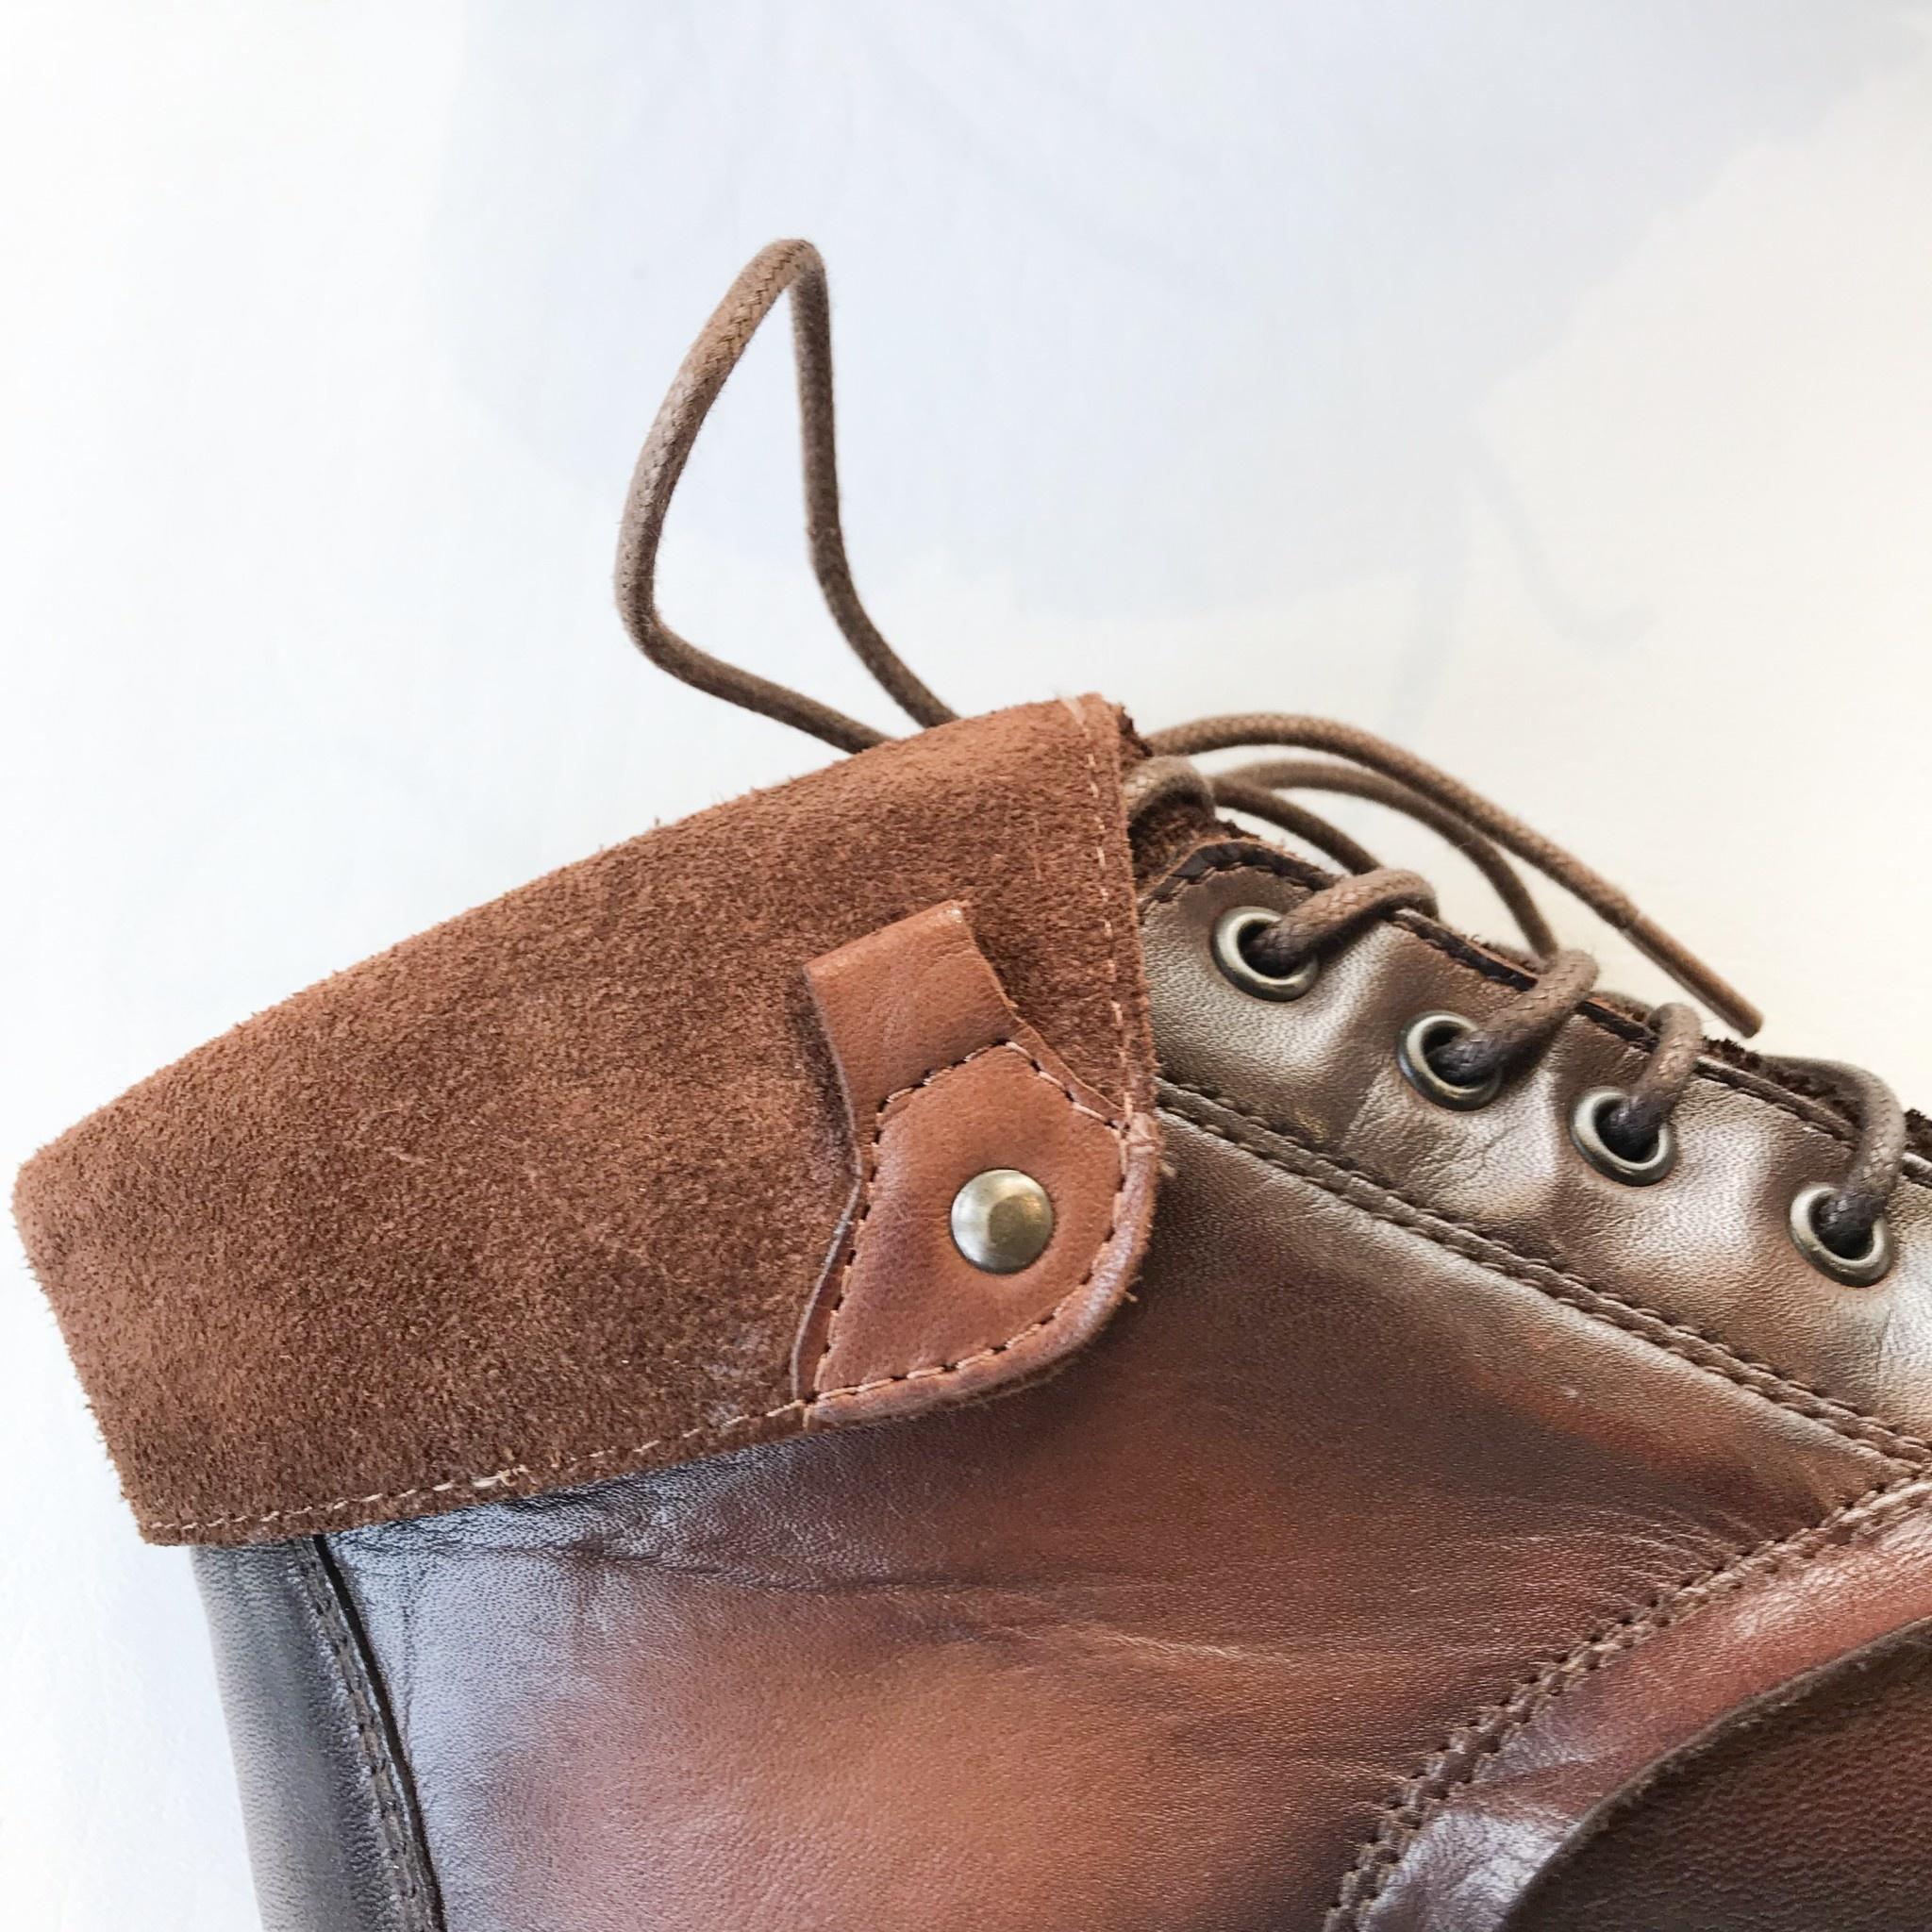 Miz Mooz luka boot